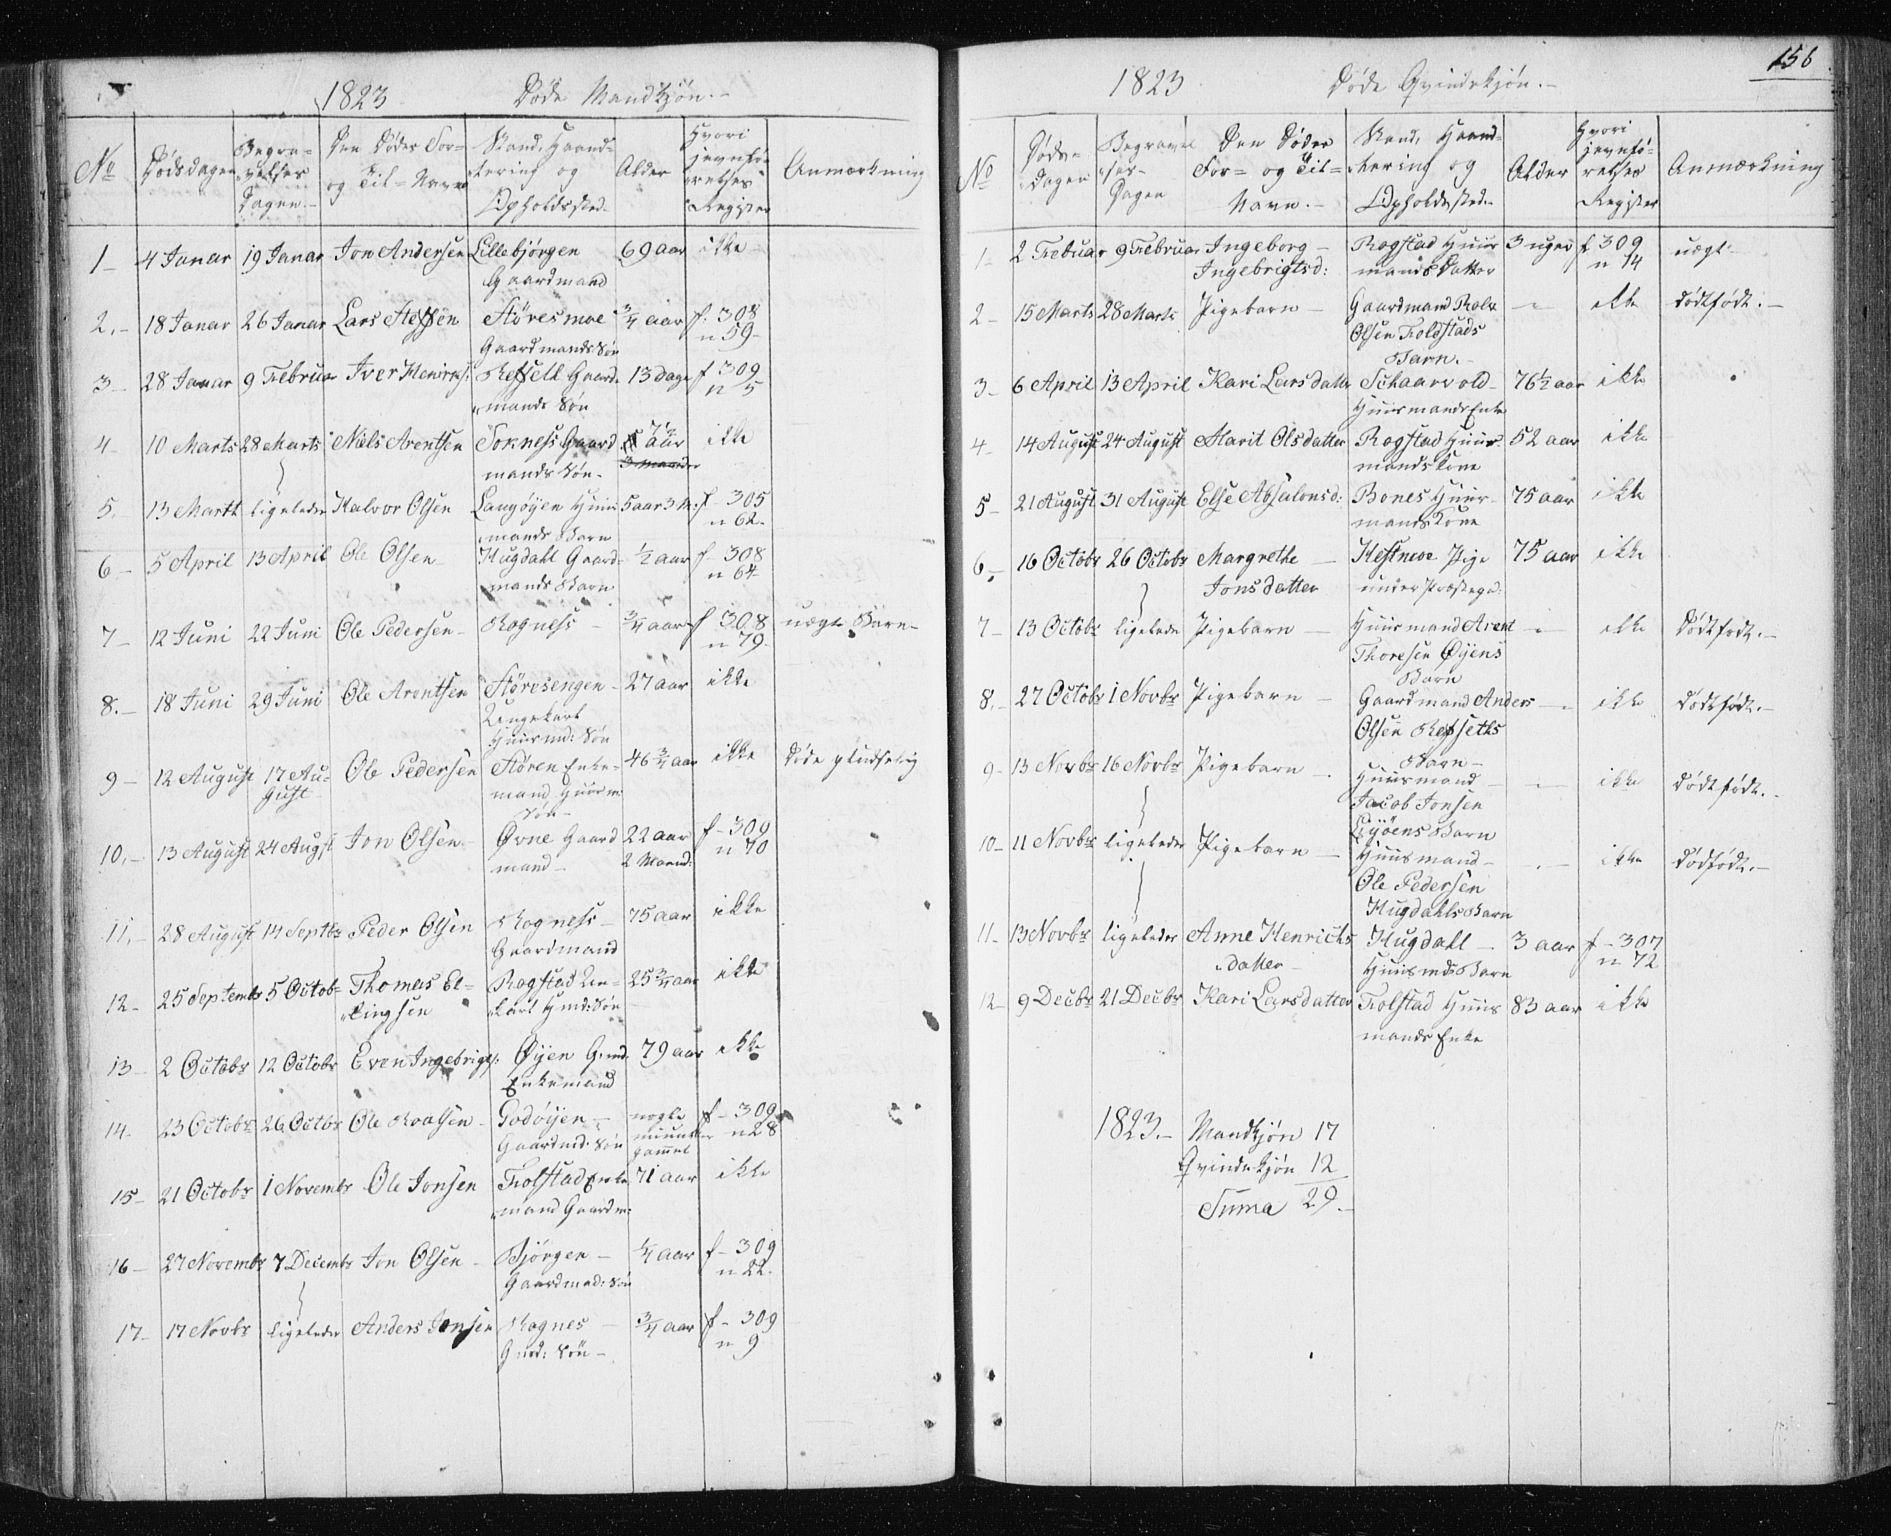 SAT, Ministerialprotokoller, klokkerbøker og fødselsregistre - Sør-Trøndelag, 687/L1017: Klokkerbok nr. 687C01, 1816-1837, s. 156